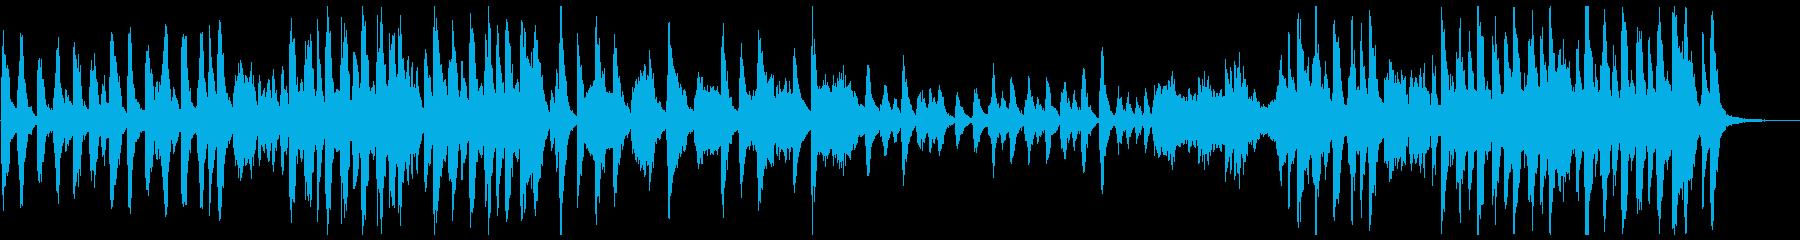 ファンタジー悪役のオーケストラ曲の再生済みの波形